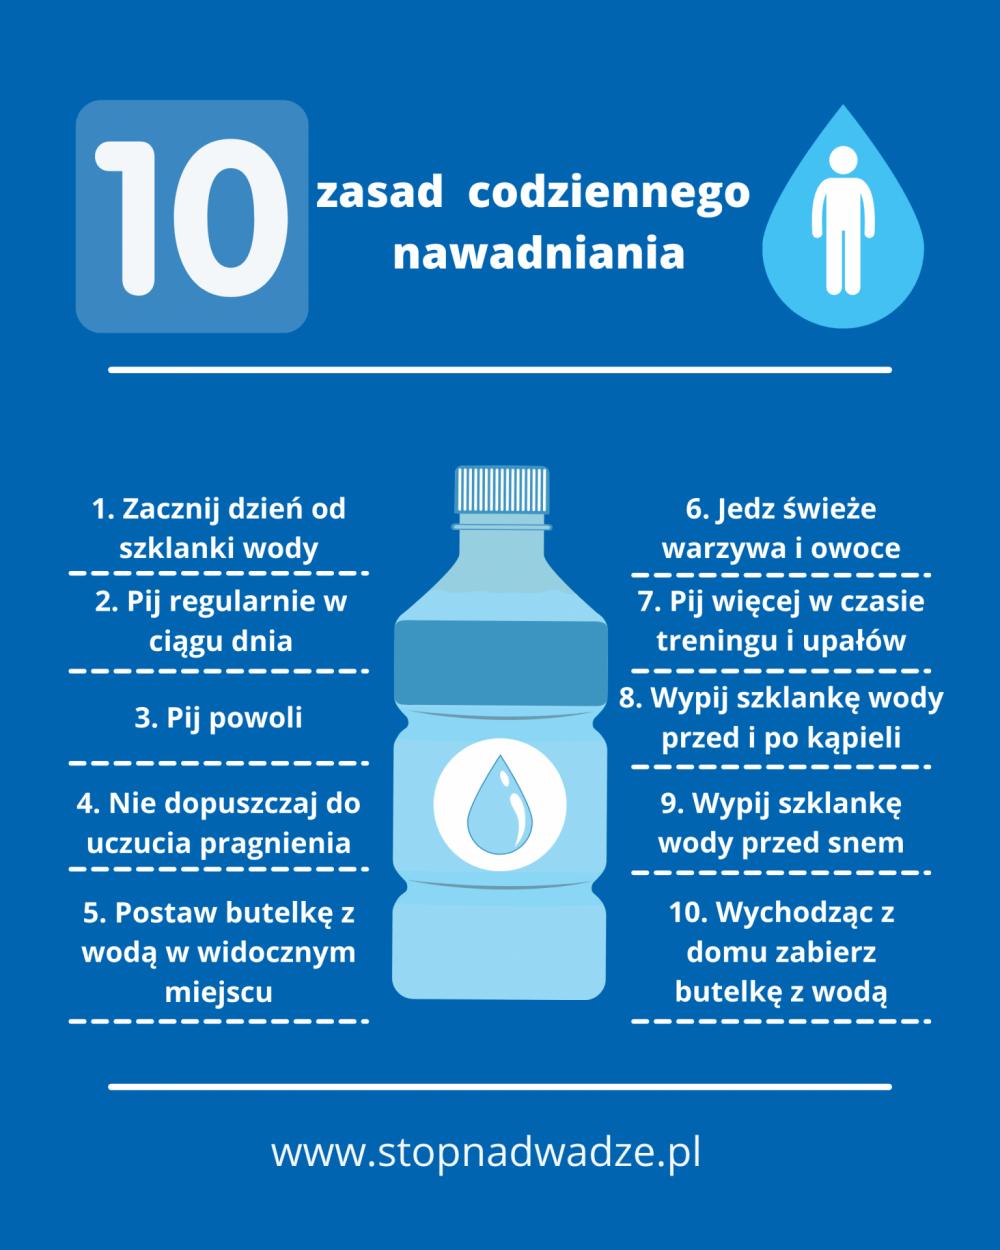 O czym pamiętać przy codziennym piciem wody. 10 zasad codziennego nawadniania zebrane na infografice.